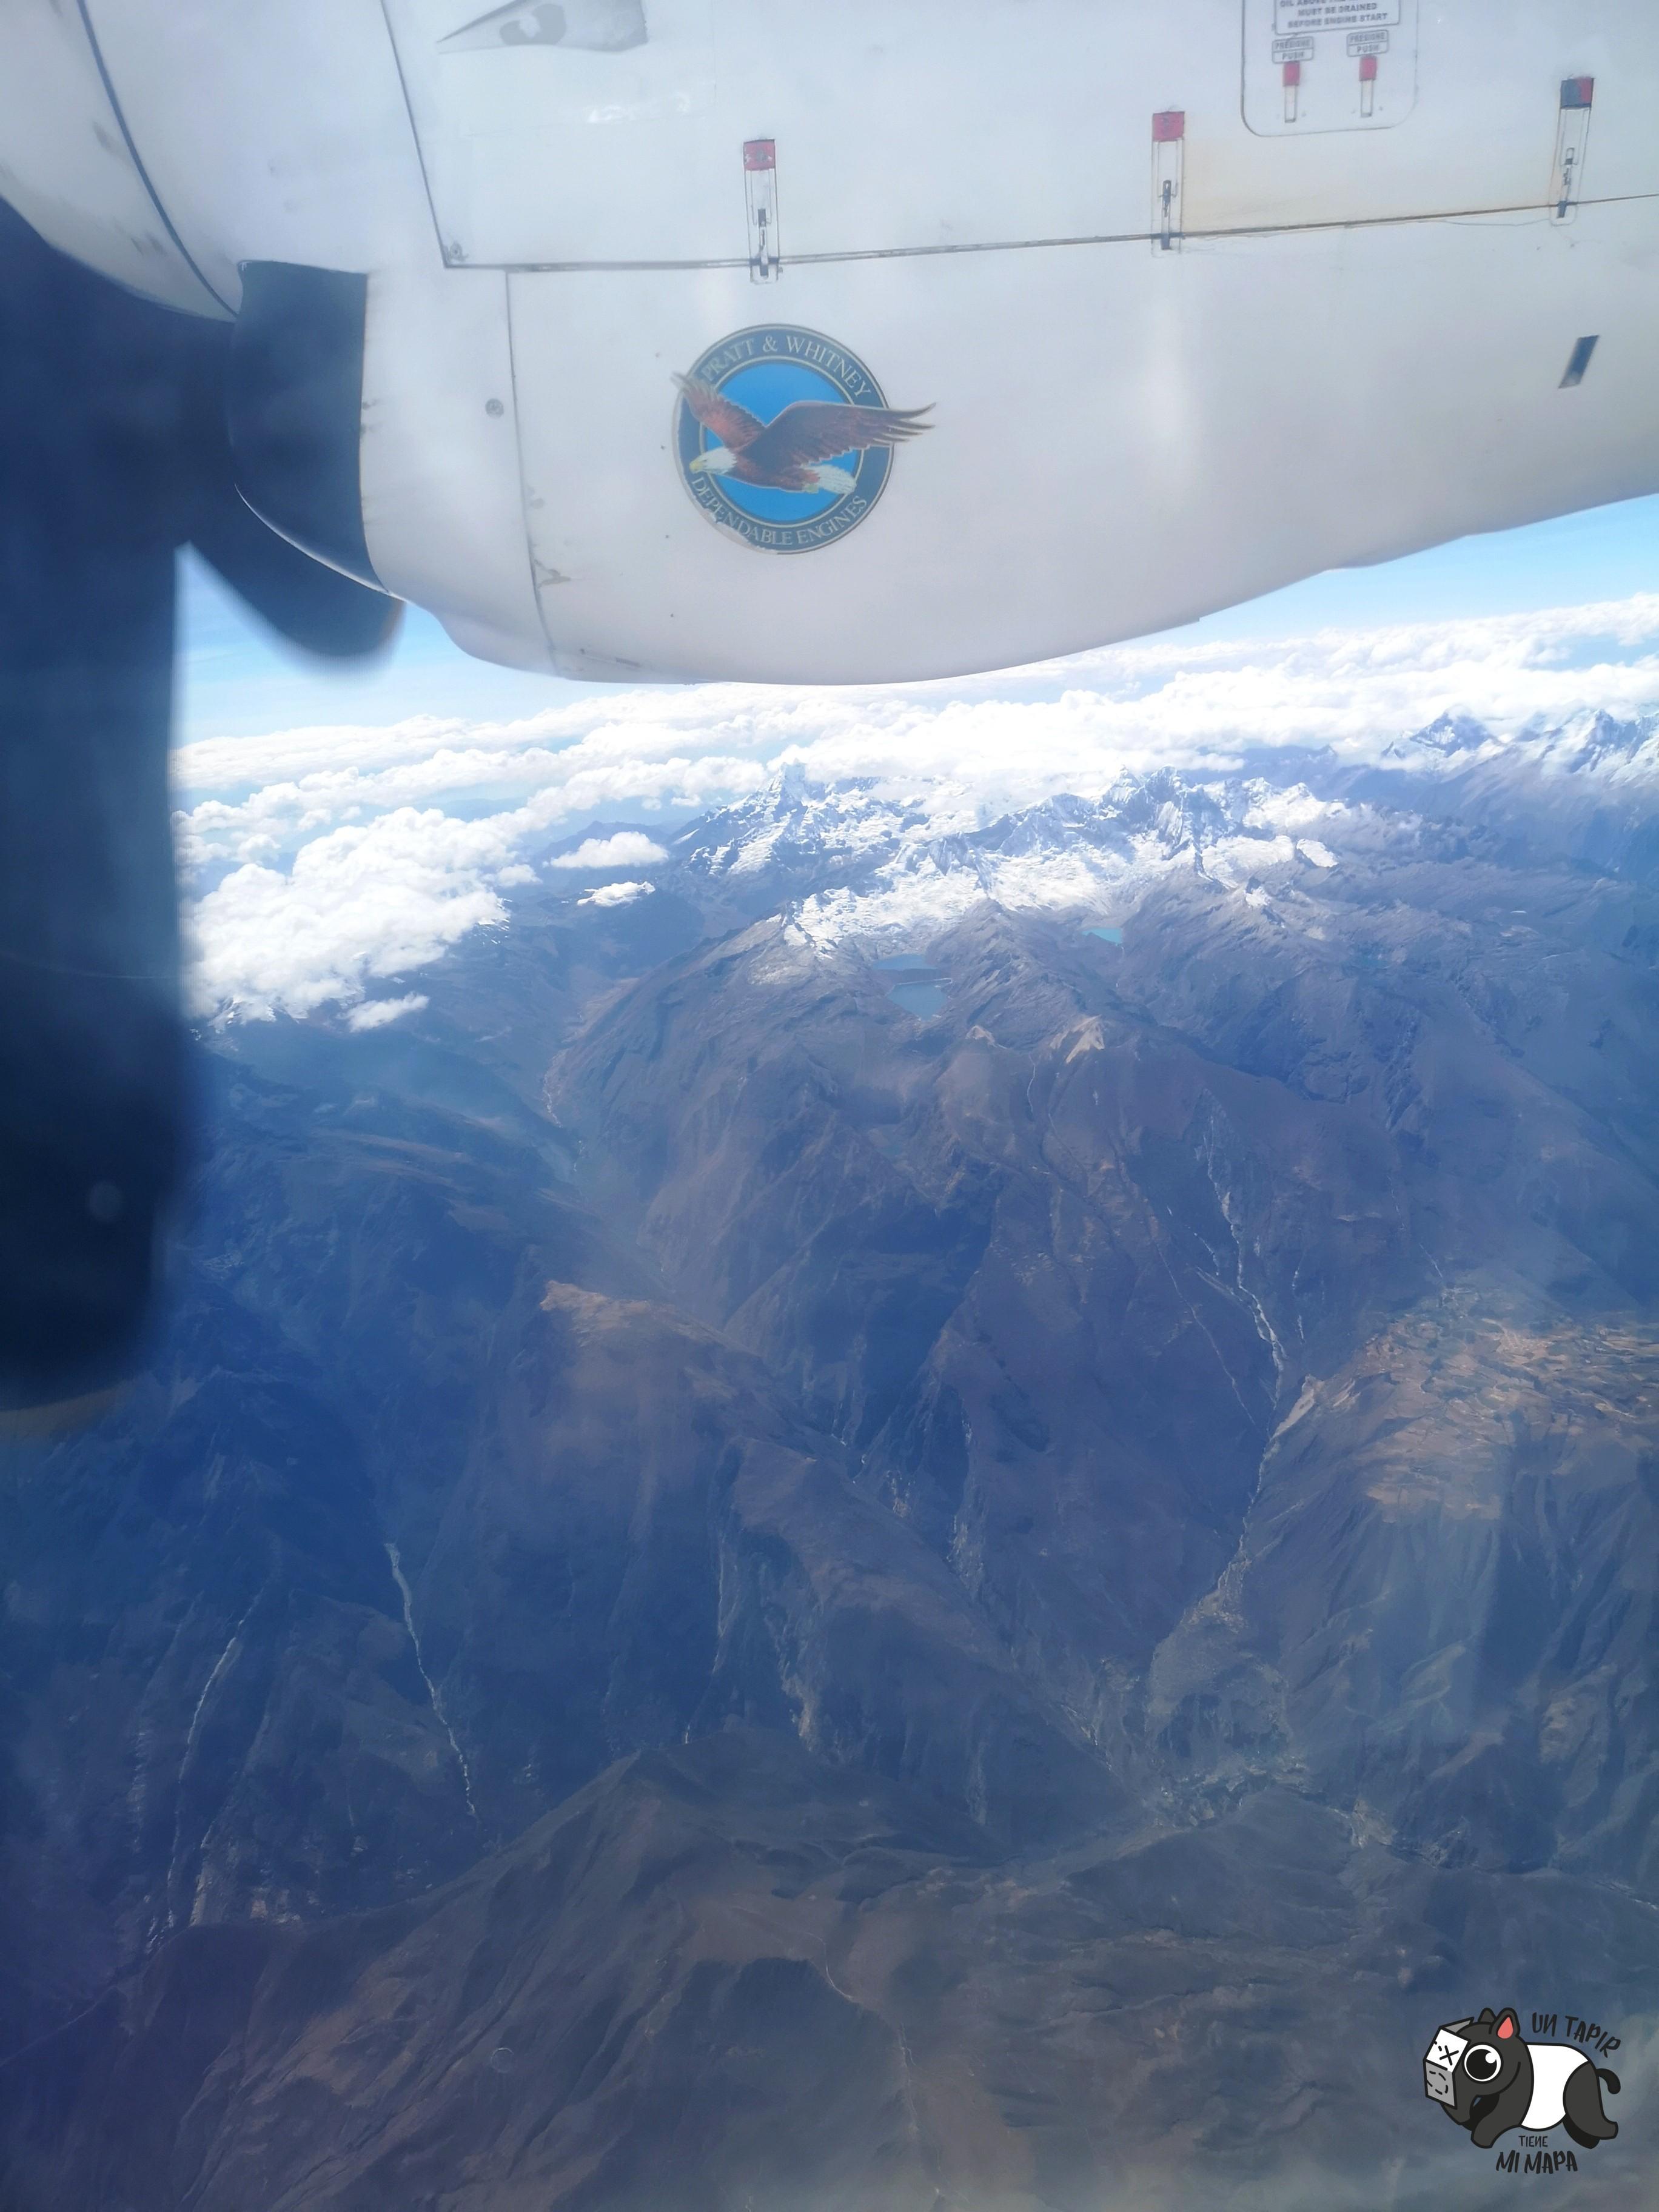 Vistas algo borrosas entre las hélices de la avioneta.